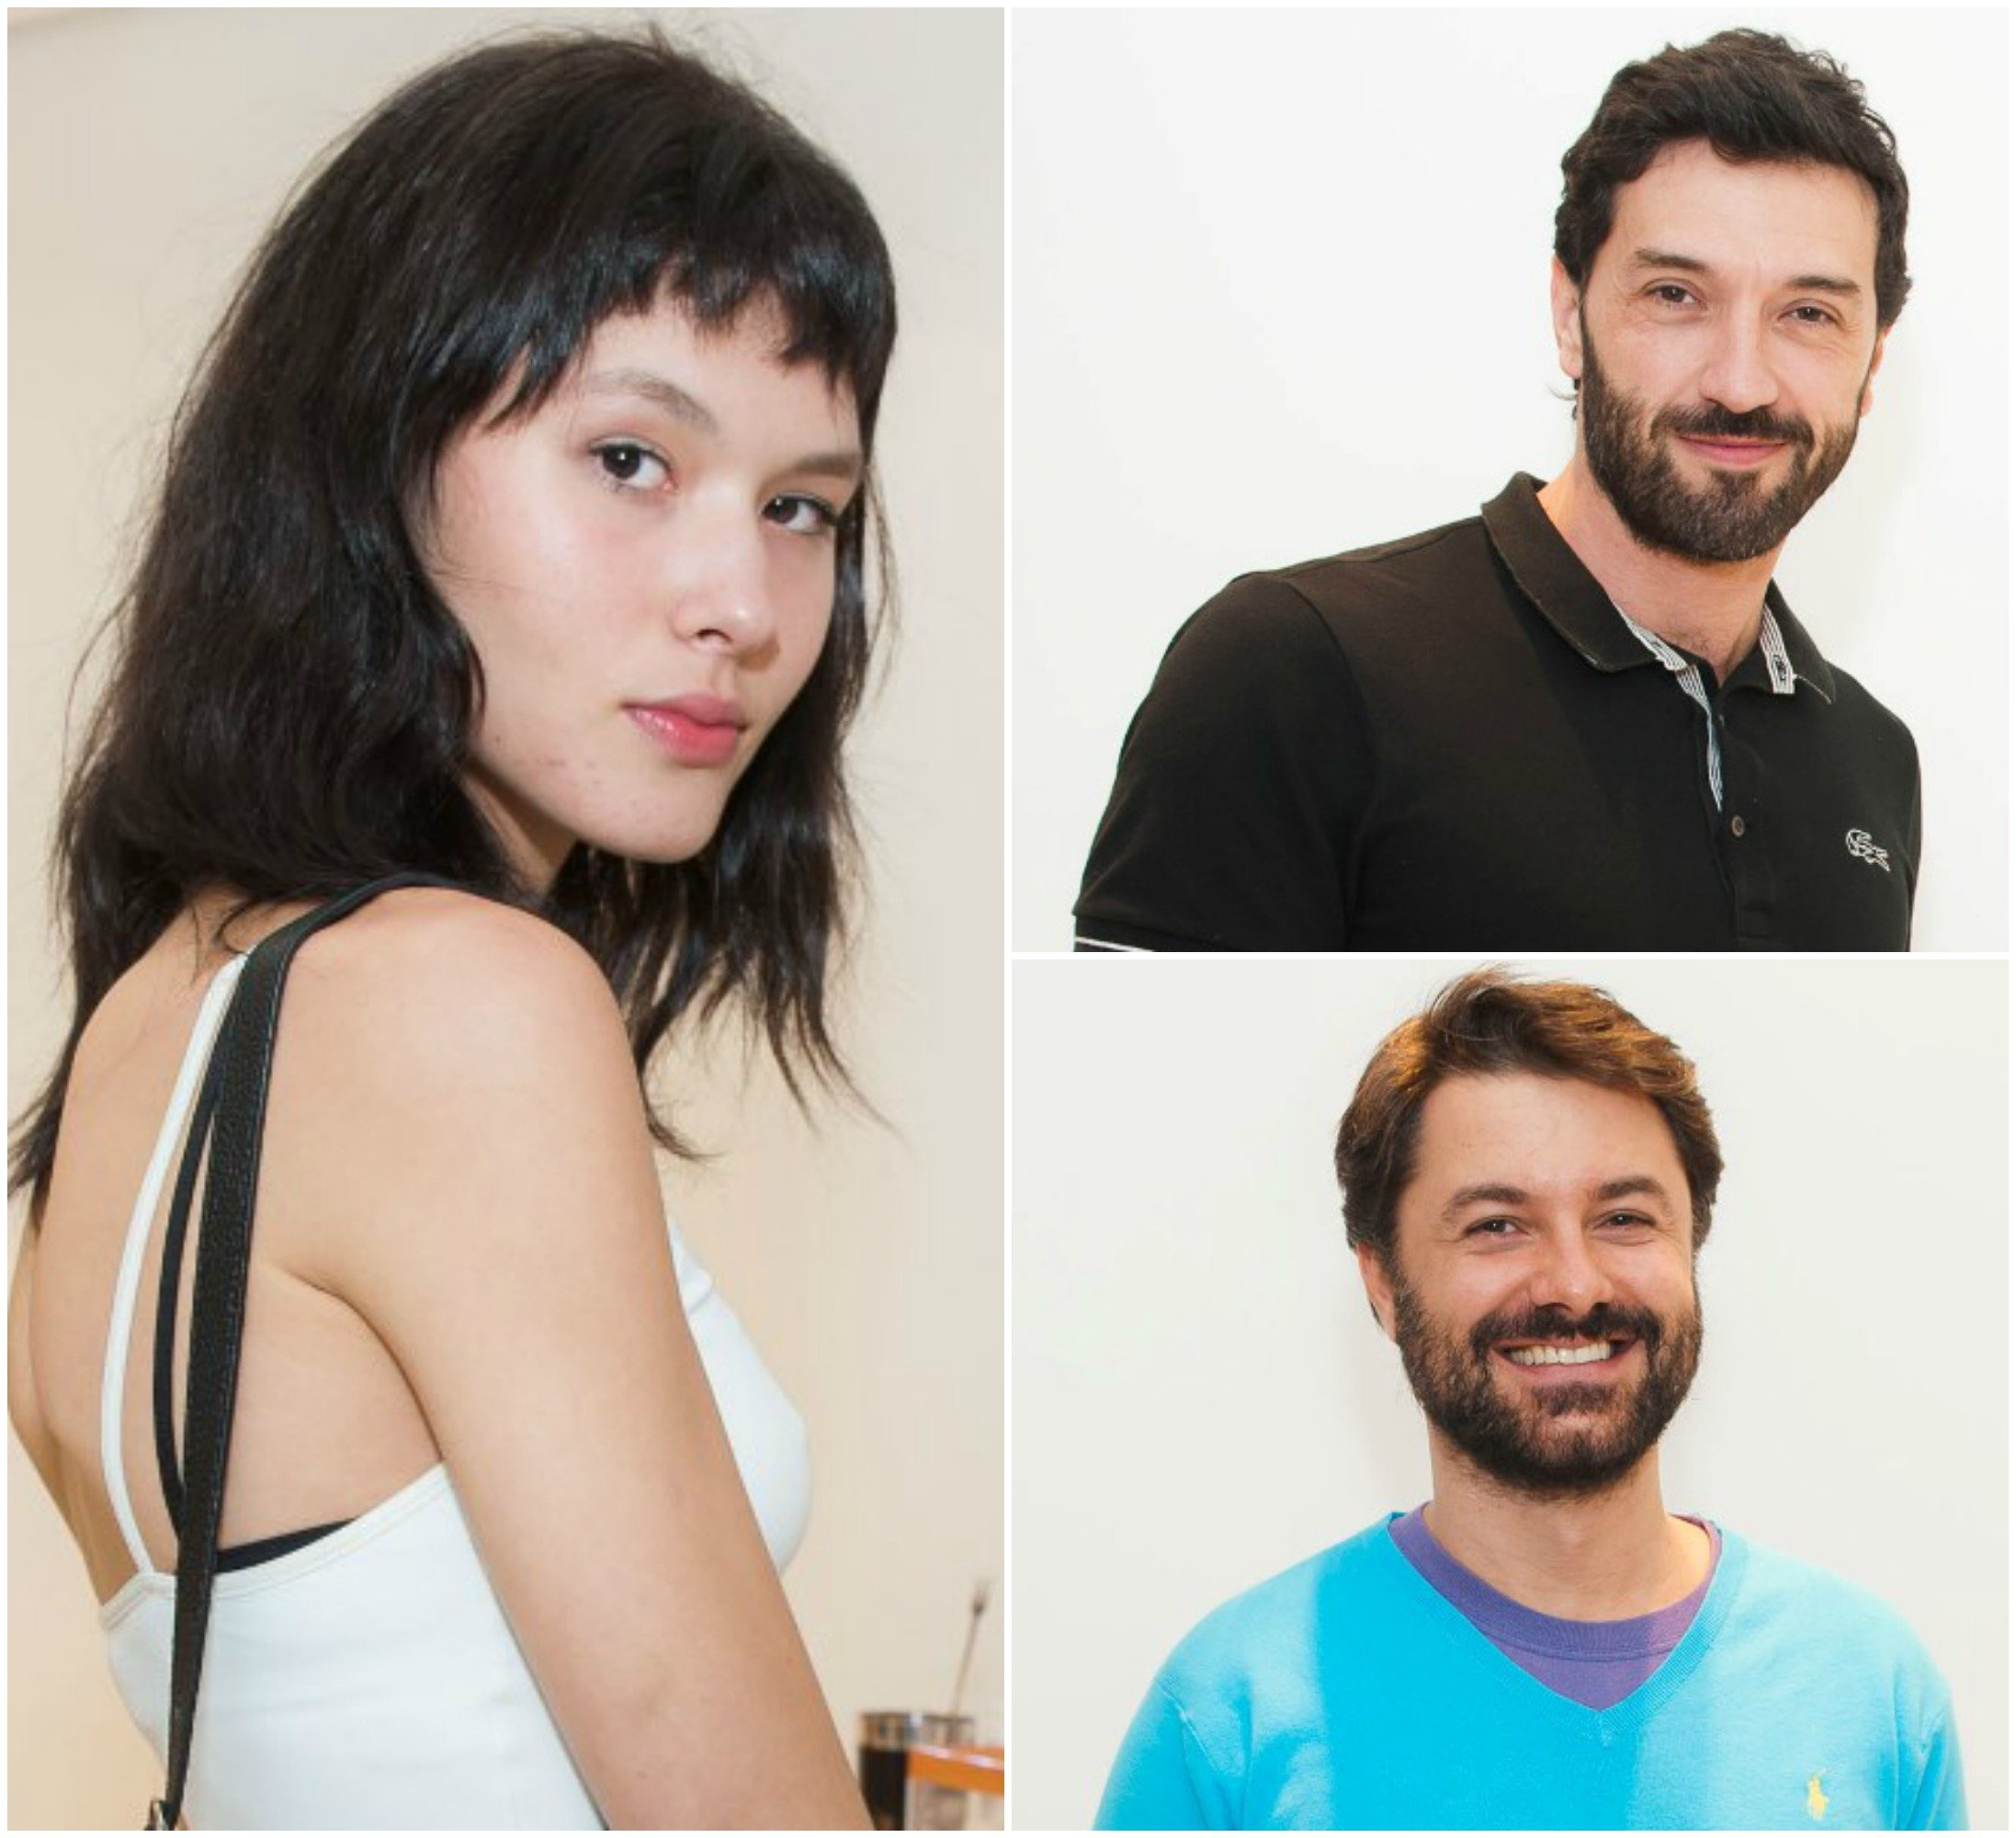 No alto, Reinaldo Lourenço, à esquerda; ao lado, o consultor de moda Raphael Mendonça; acima, em sentido horário, a modelo Angélica Erthal,; o estilista Lorenzo Merlino; o artista plástico Gustavo von Ha / Fotos: divulgação